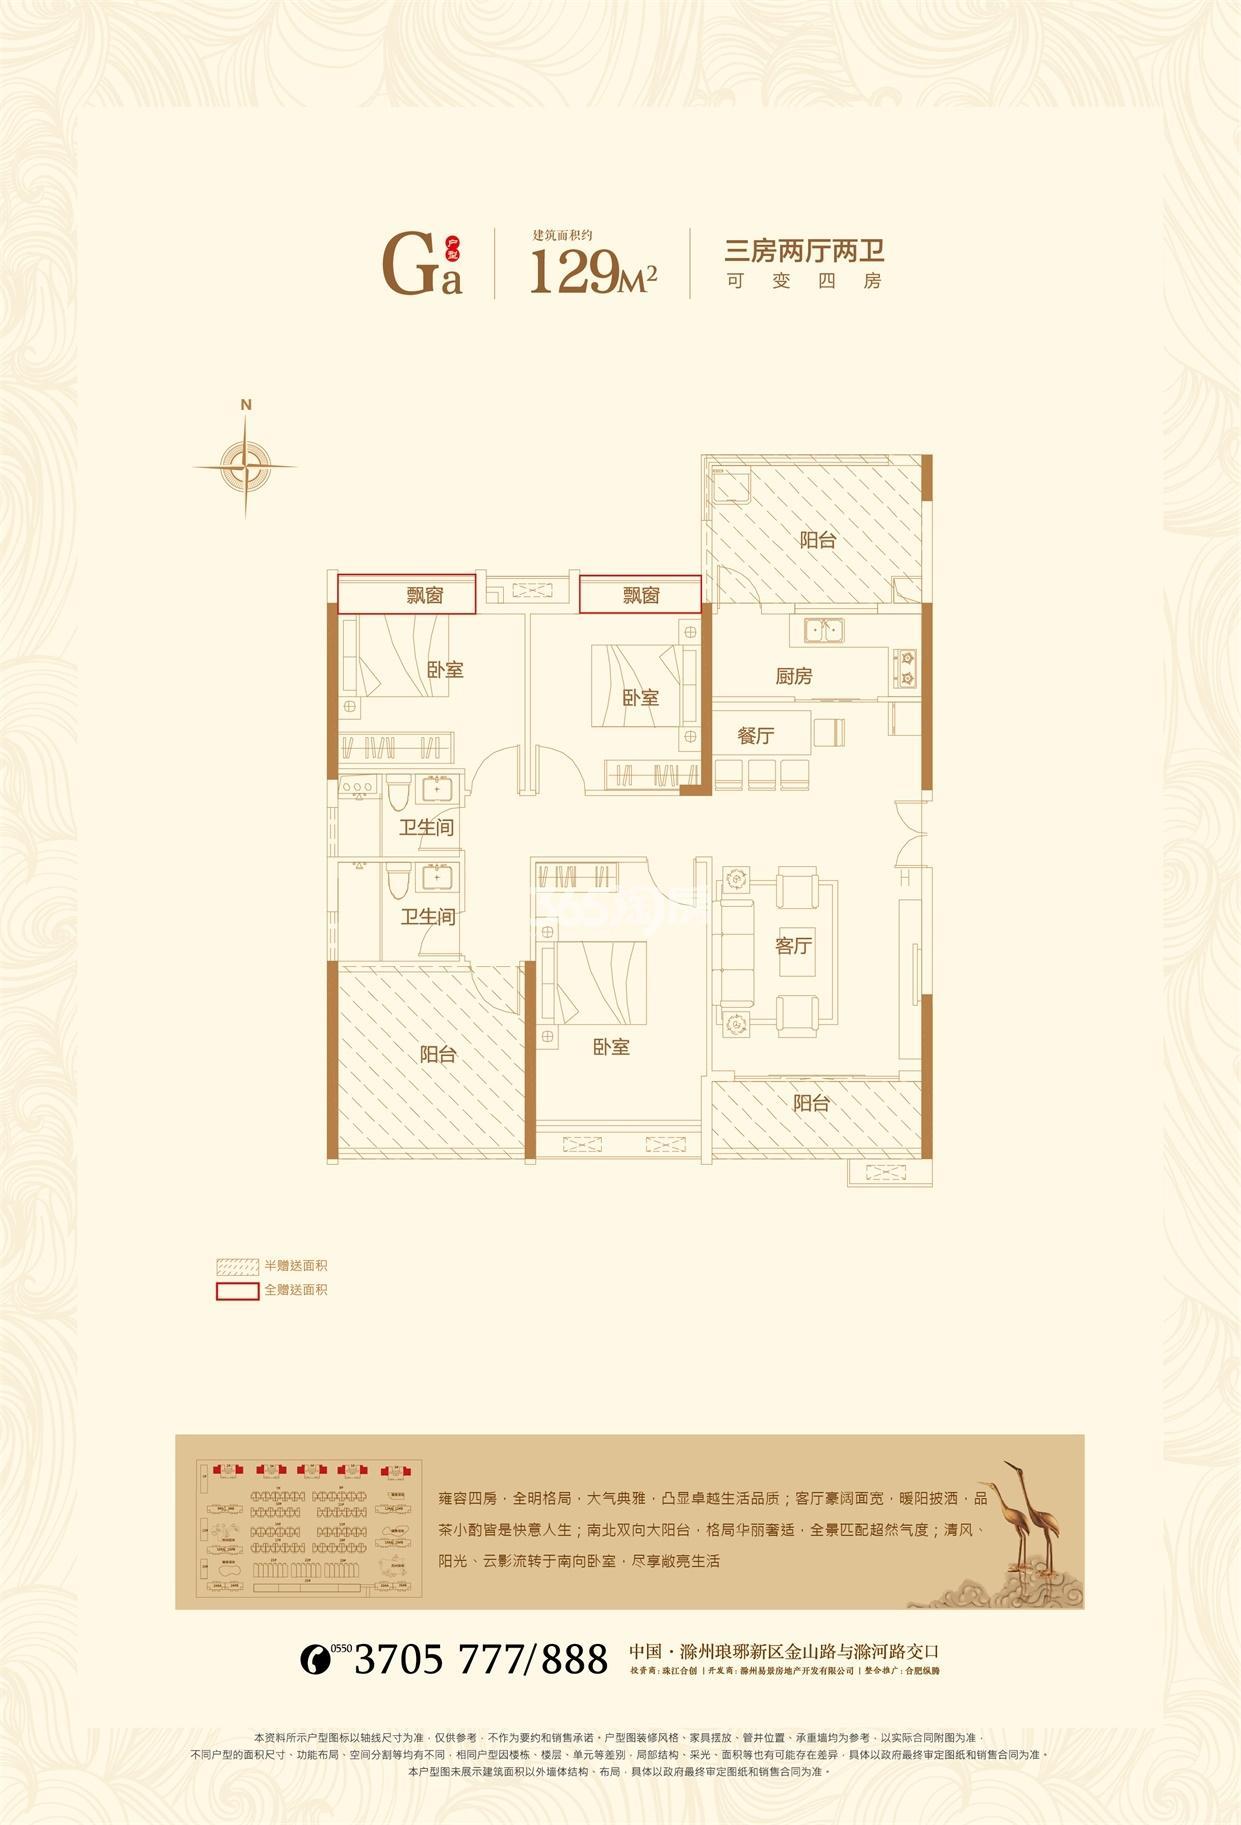 珠江和院 高层Ga户型 建筑面积约129平方